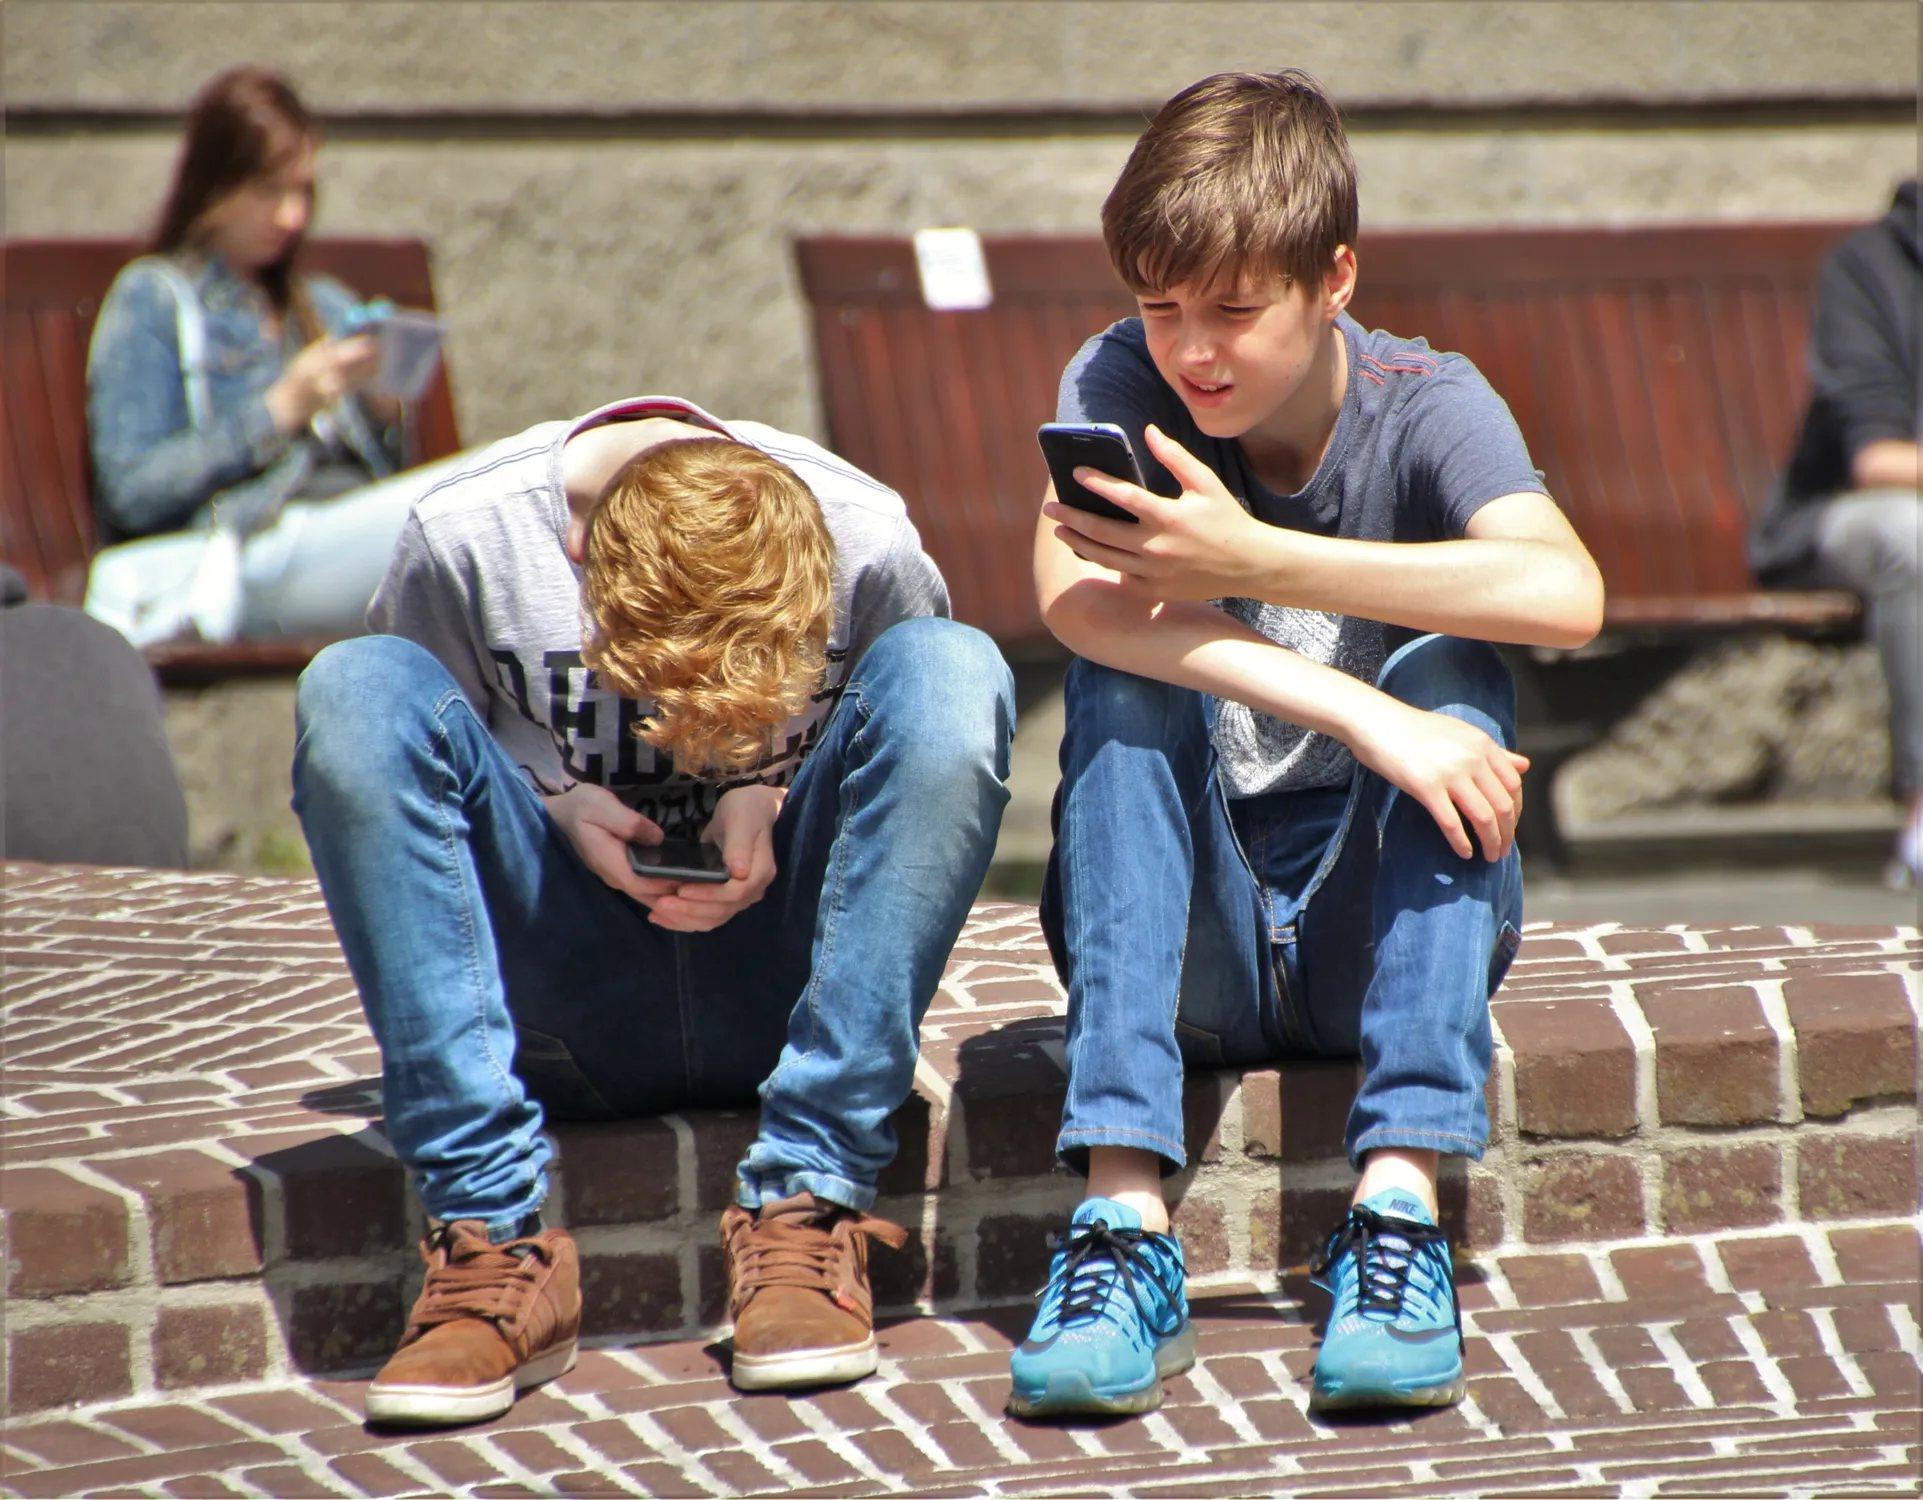 「低頭冷落指數」成為感情問題的新指標,人們一直滑手機而無暇與另一半溝通,可想而知...